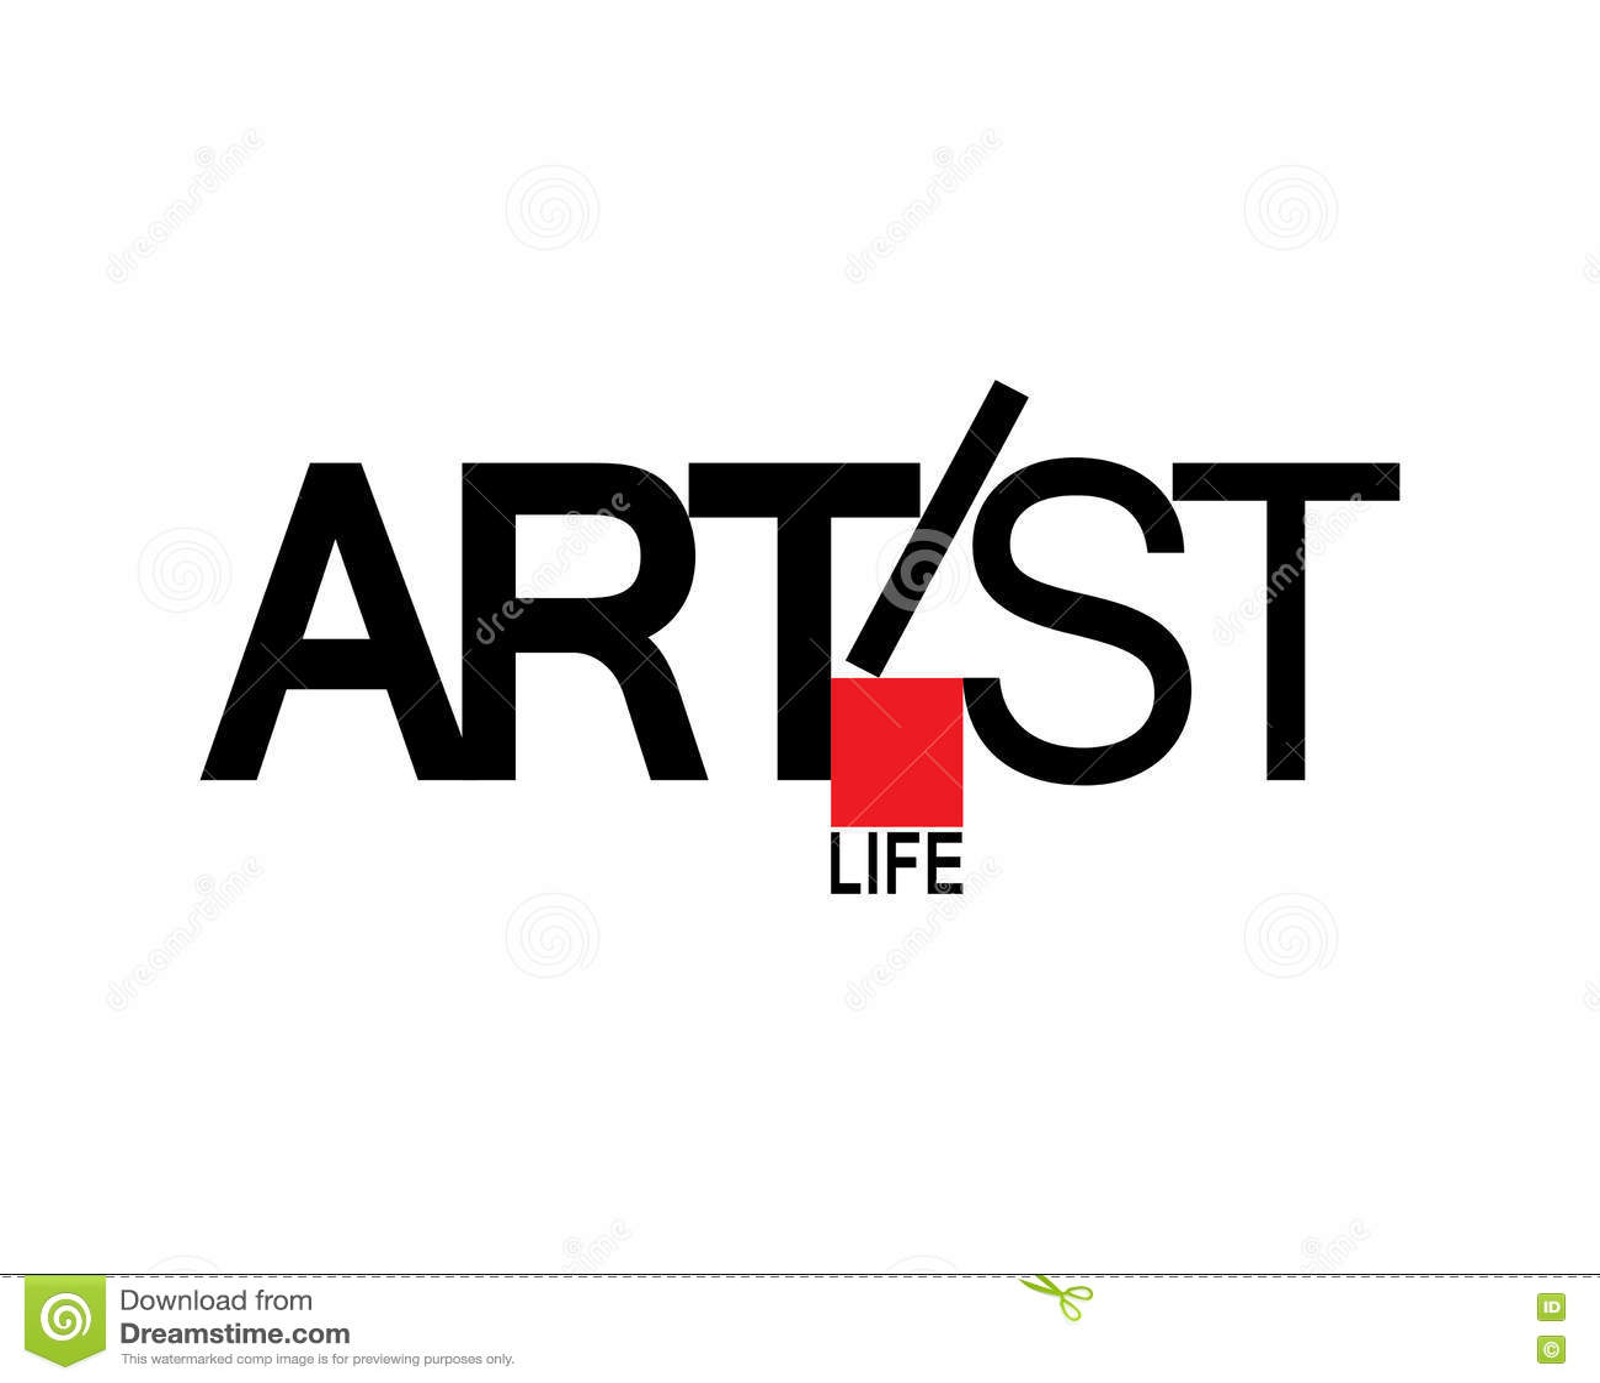 Artist Logo Design Stock Vector Illustration Of Shape 82252936